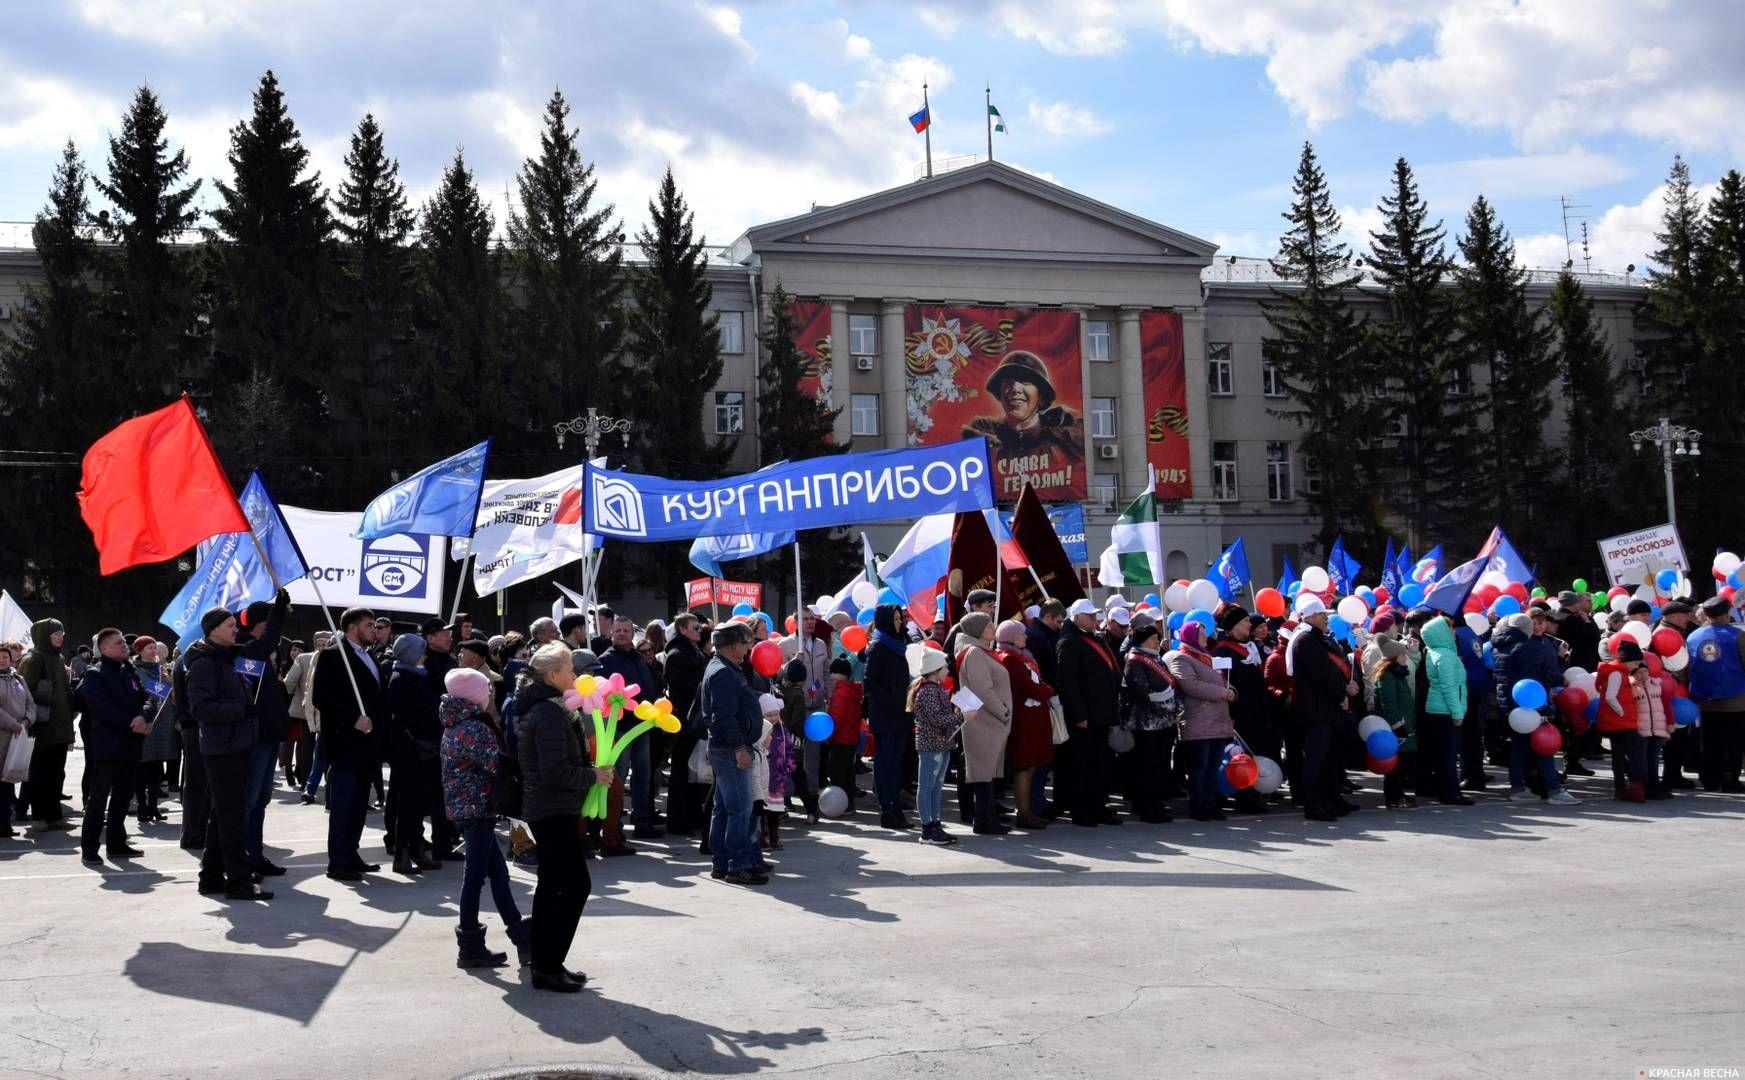 Заводские профсоюзы вышли на первомайскую демонстрацию, организованную властями